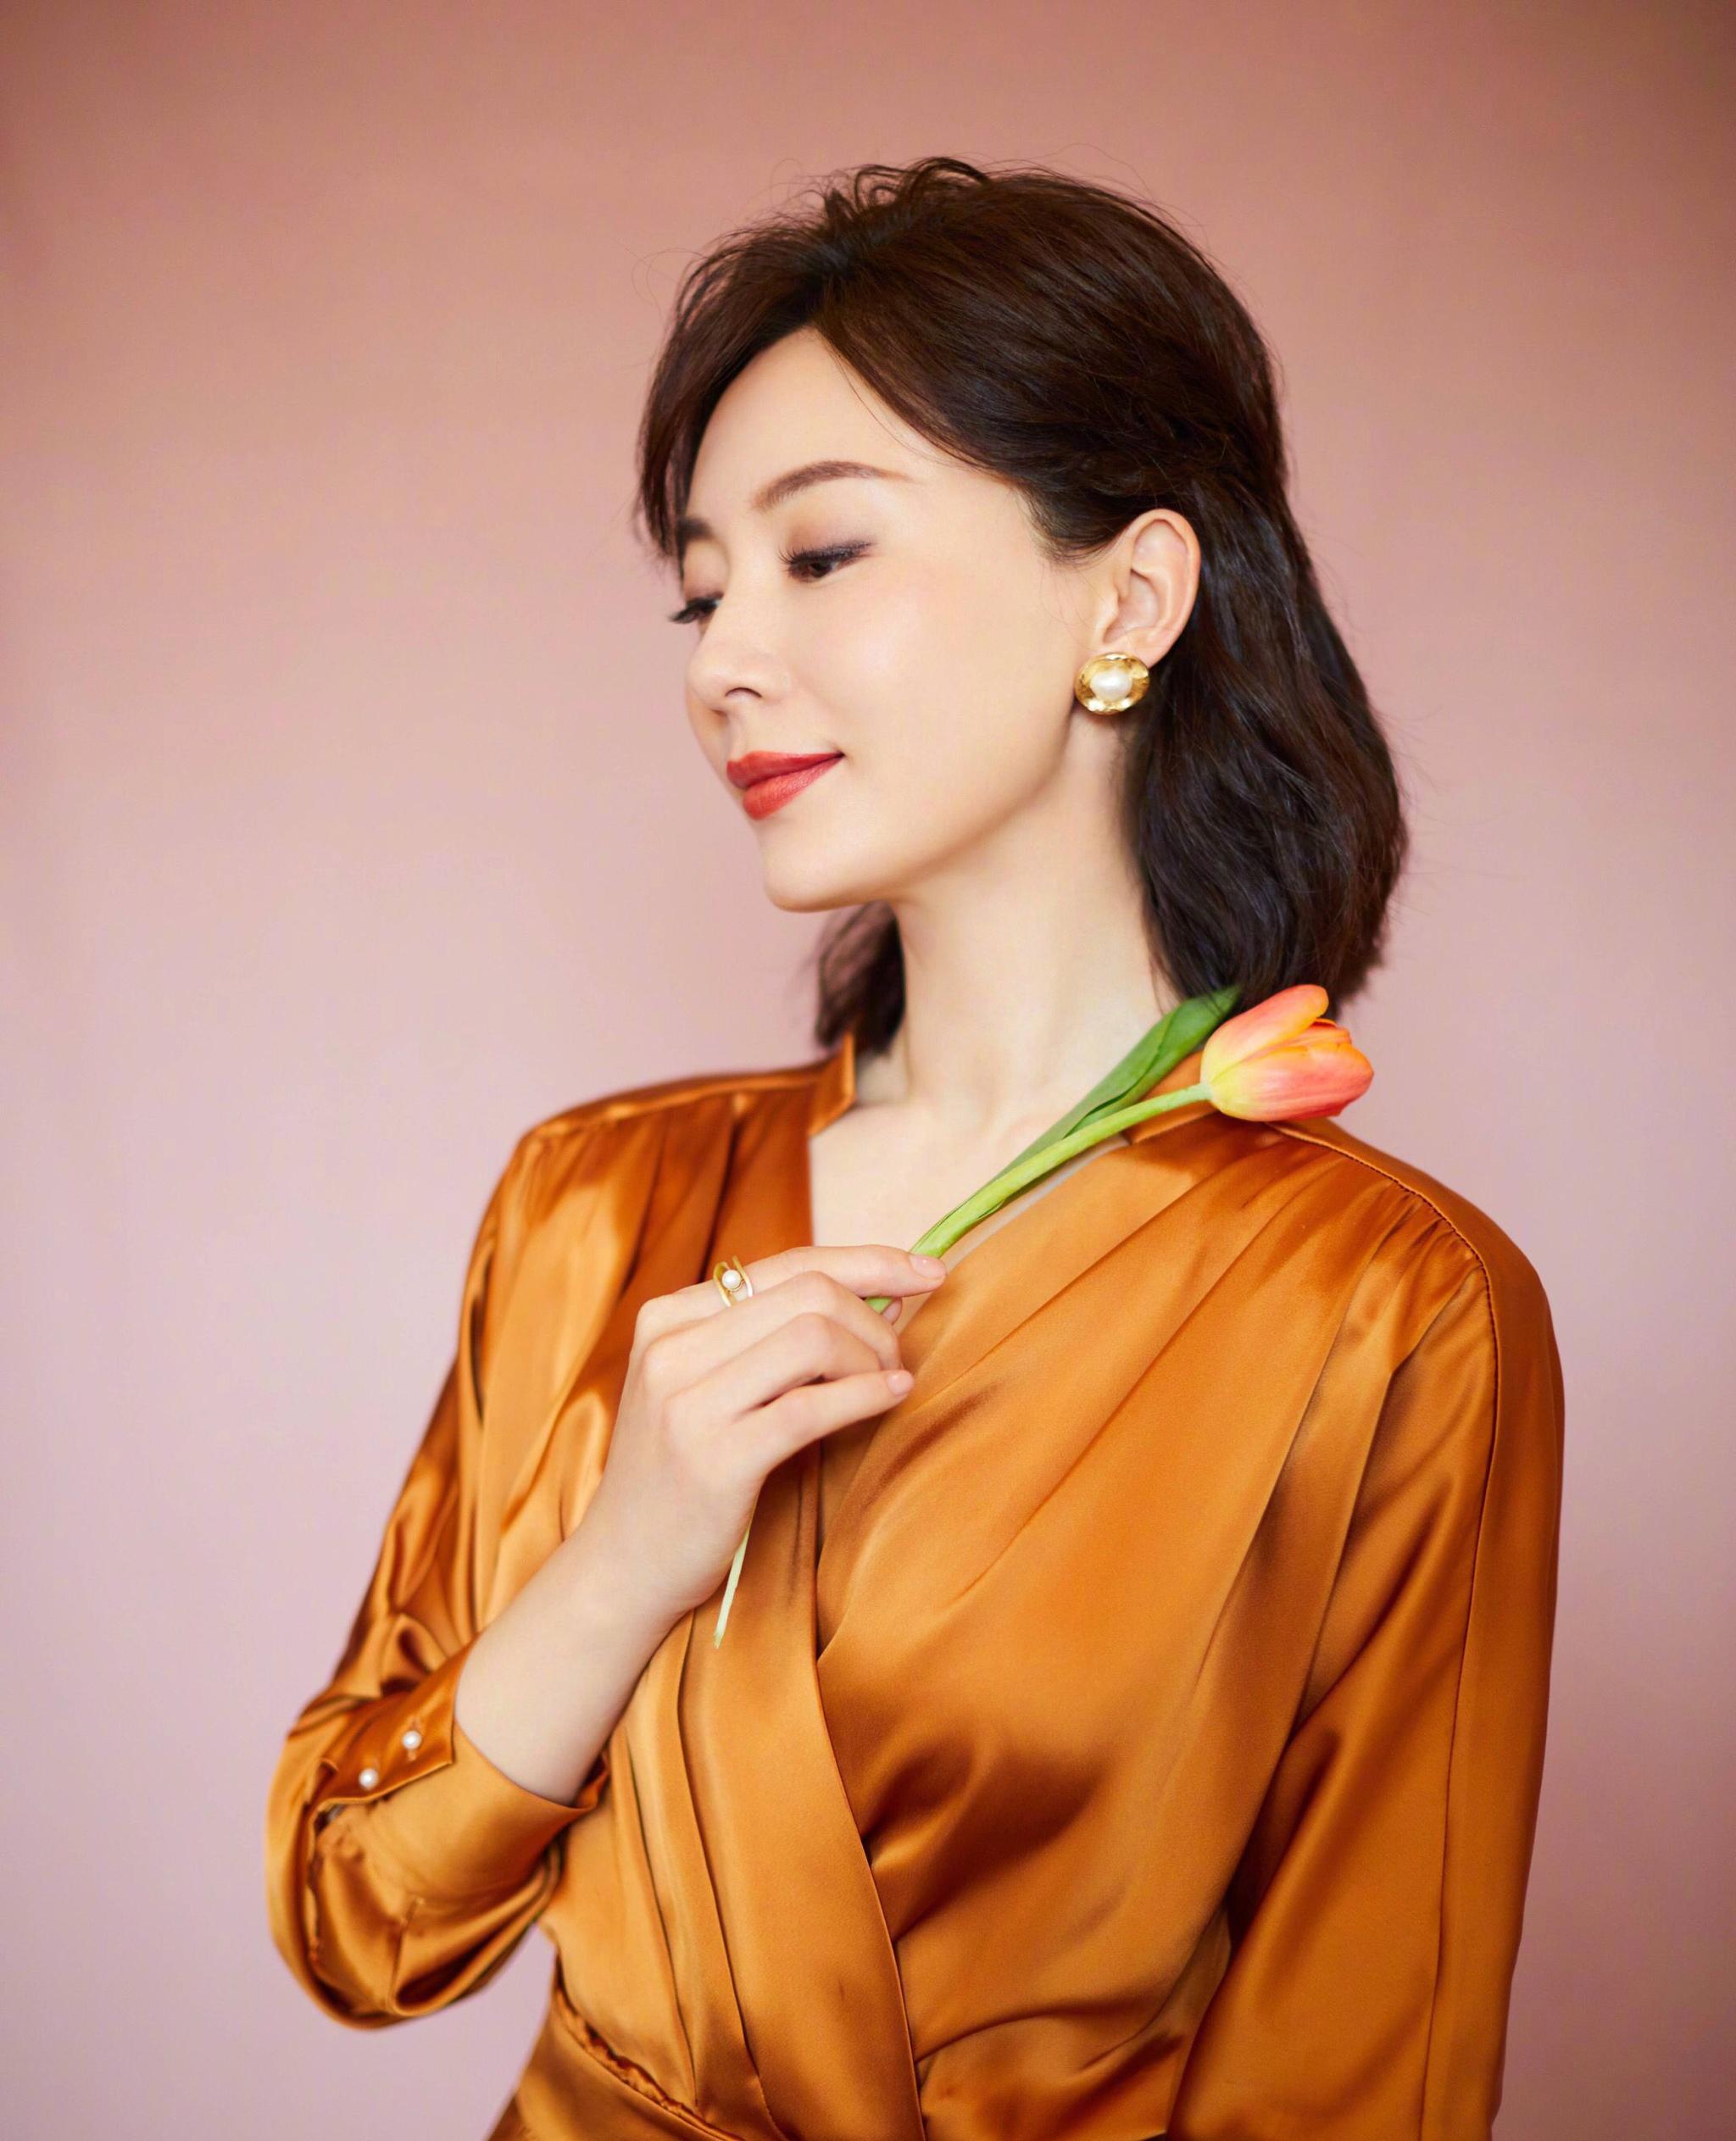 女人_陈数出席活动身着金色礼服,精致容颜,彰显成熟女人高贵优雅气质